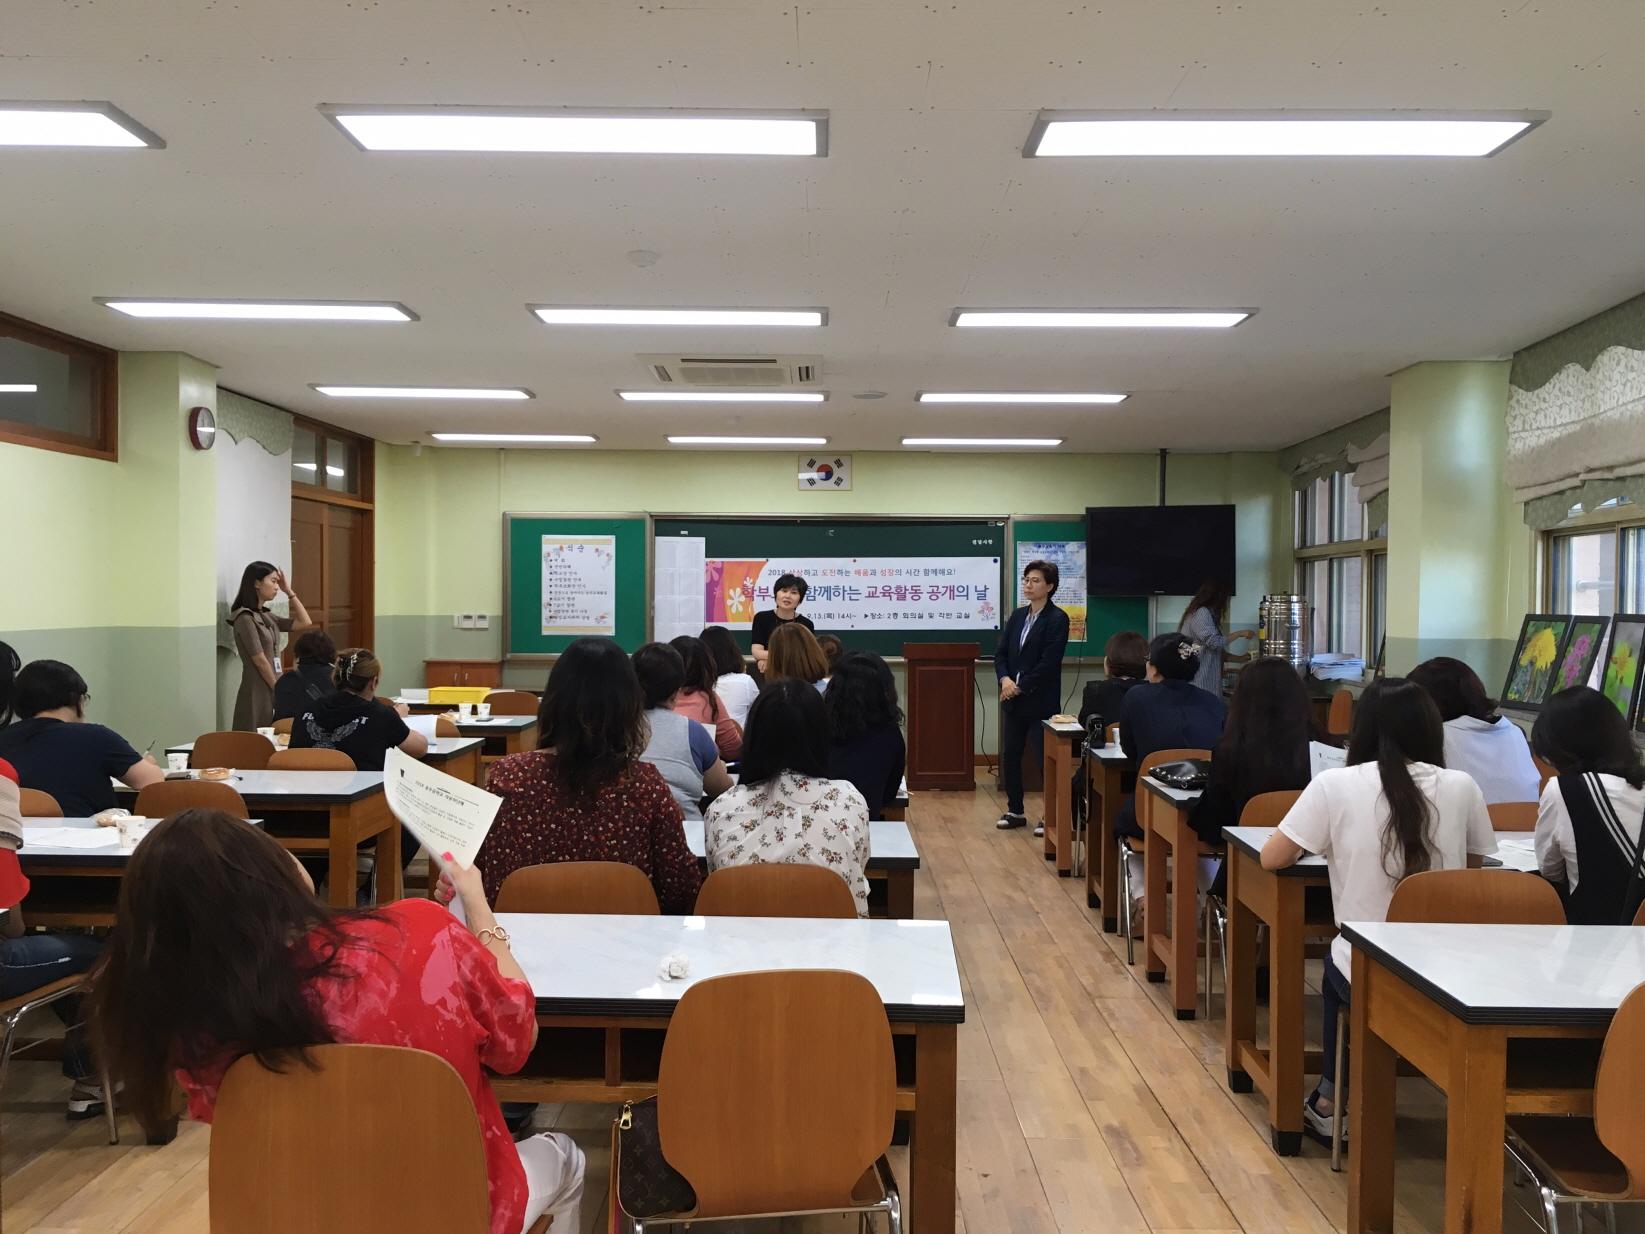 [일반] 2018학년도 2학기 학부모와 함께하는 교육활동 공개의 날의 첨부이미지 3